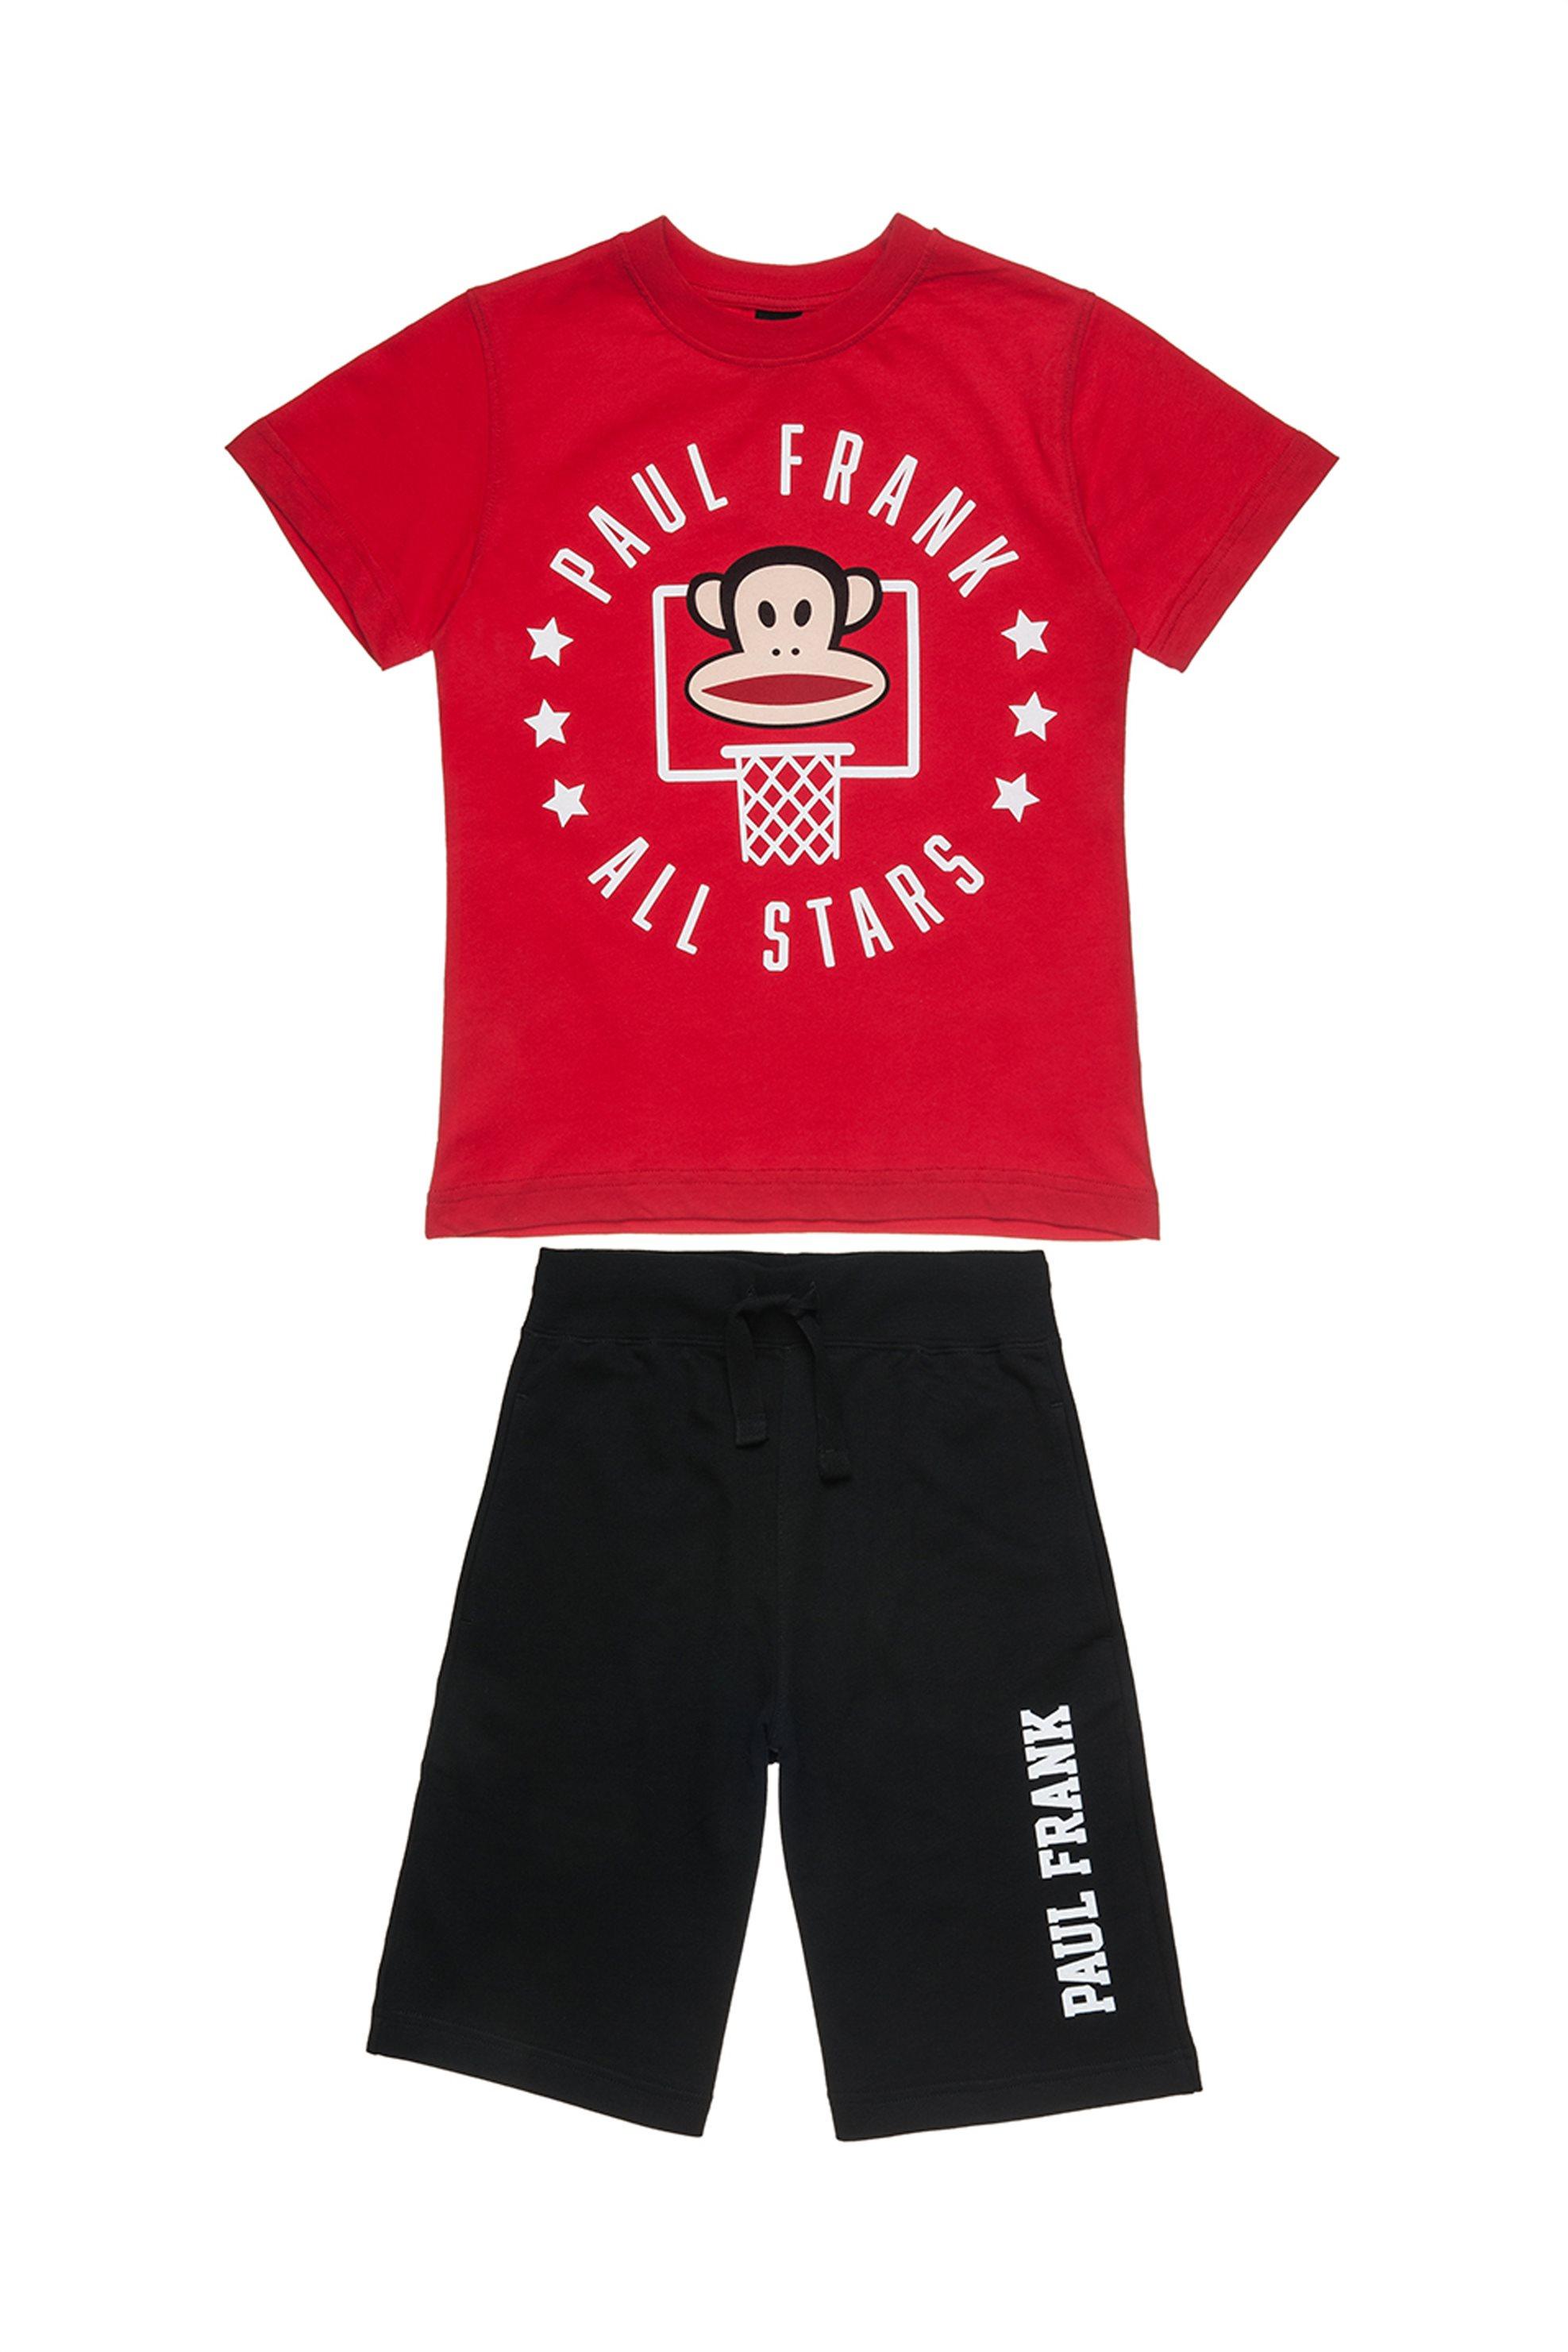 Παιδικό σετ T-shirt print και βερμούδα Paul Frank Collection - 00170337 - Κόκκιν παιδι   αγορι   4 14 ετων   σετ ρούχων